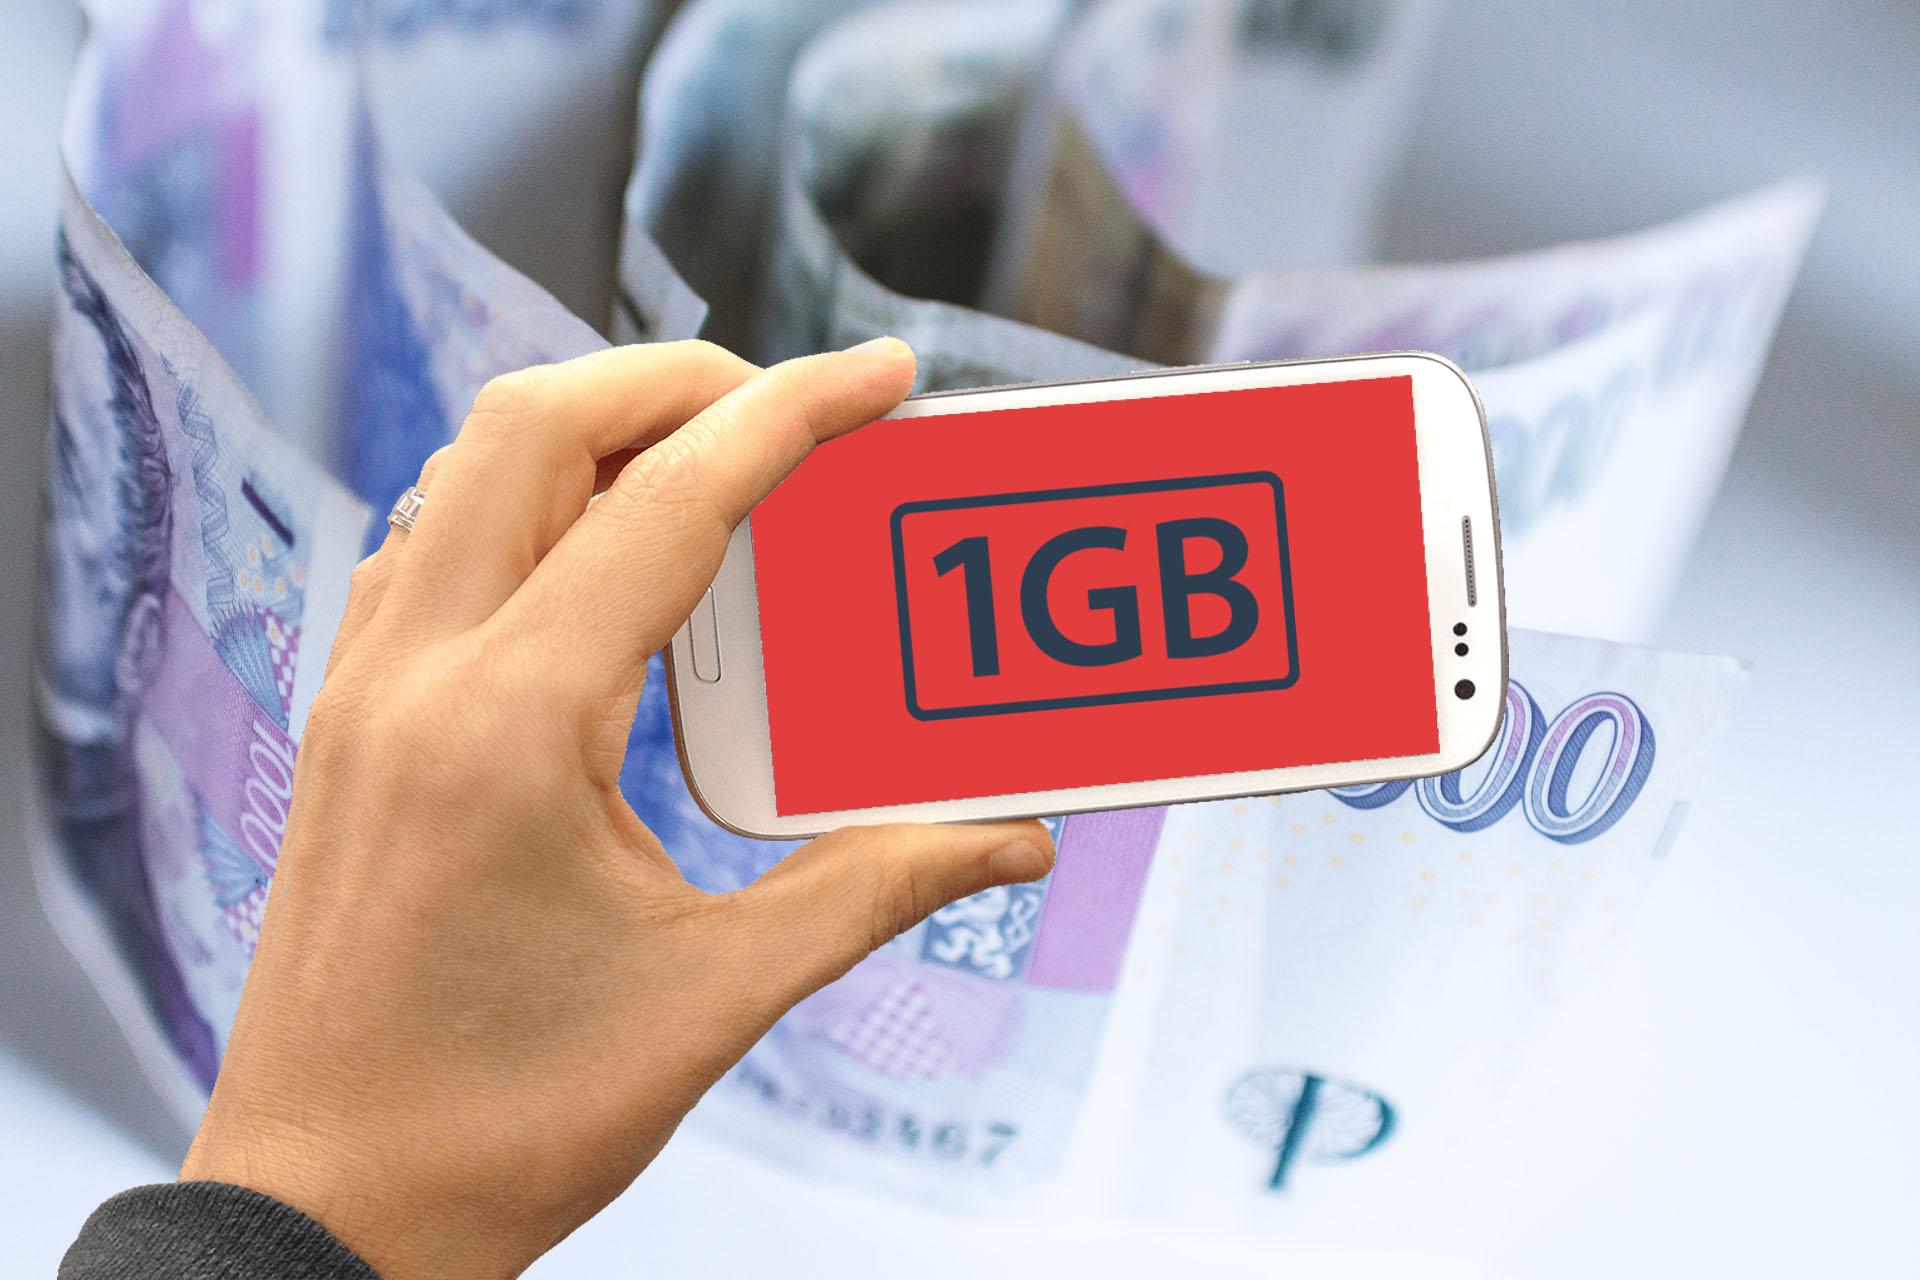 Obrázek: Češi zuří a mají proč: Mohou si za drahá mobilní data skutečně sami?